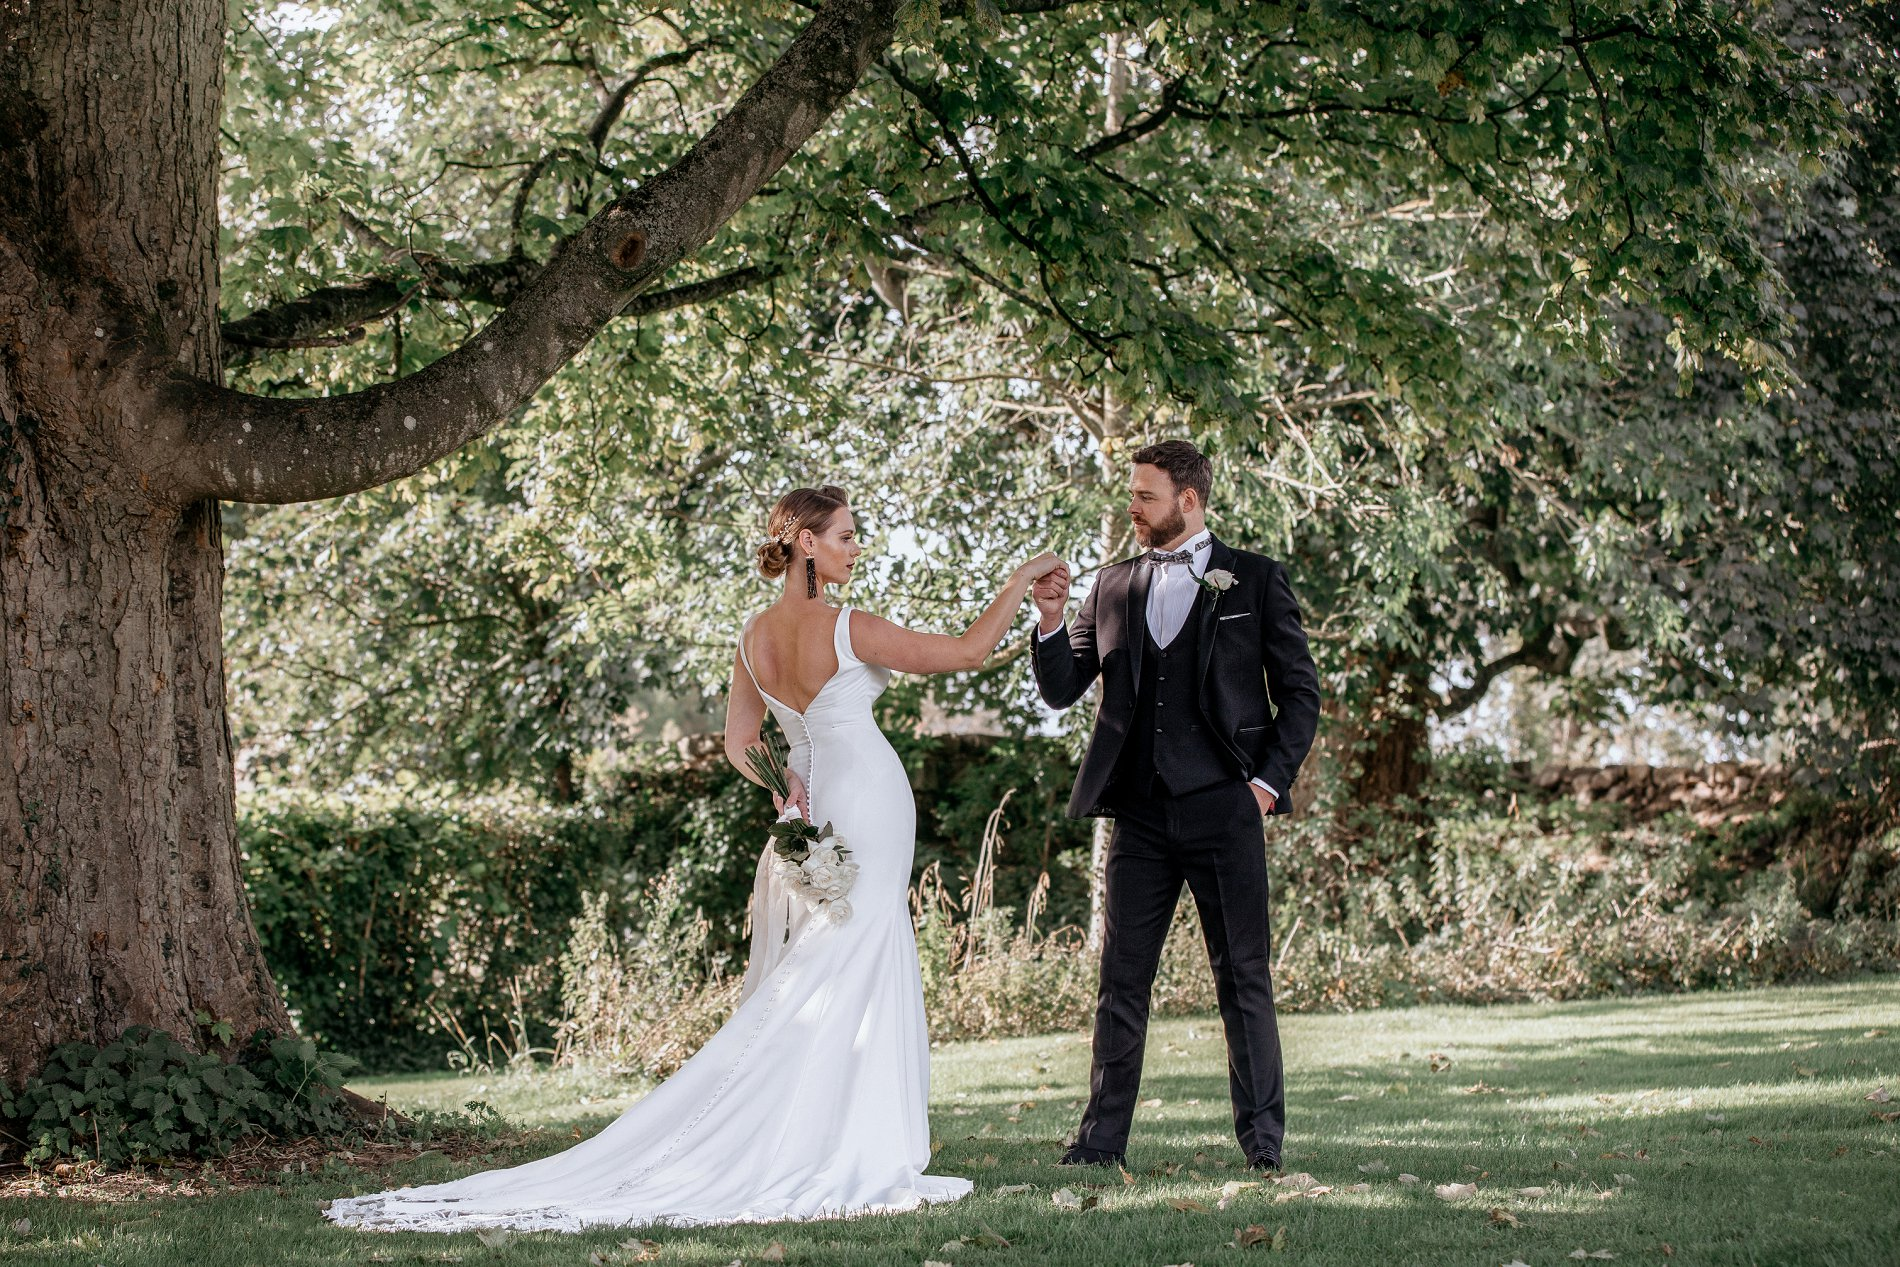 An Elegant Wedding Shoot at Jervaulx Abbey (c) Natalie Hamilton Photography (6)